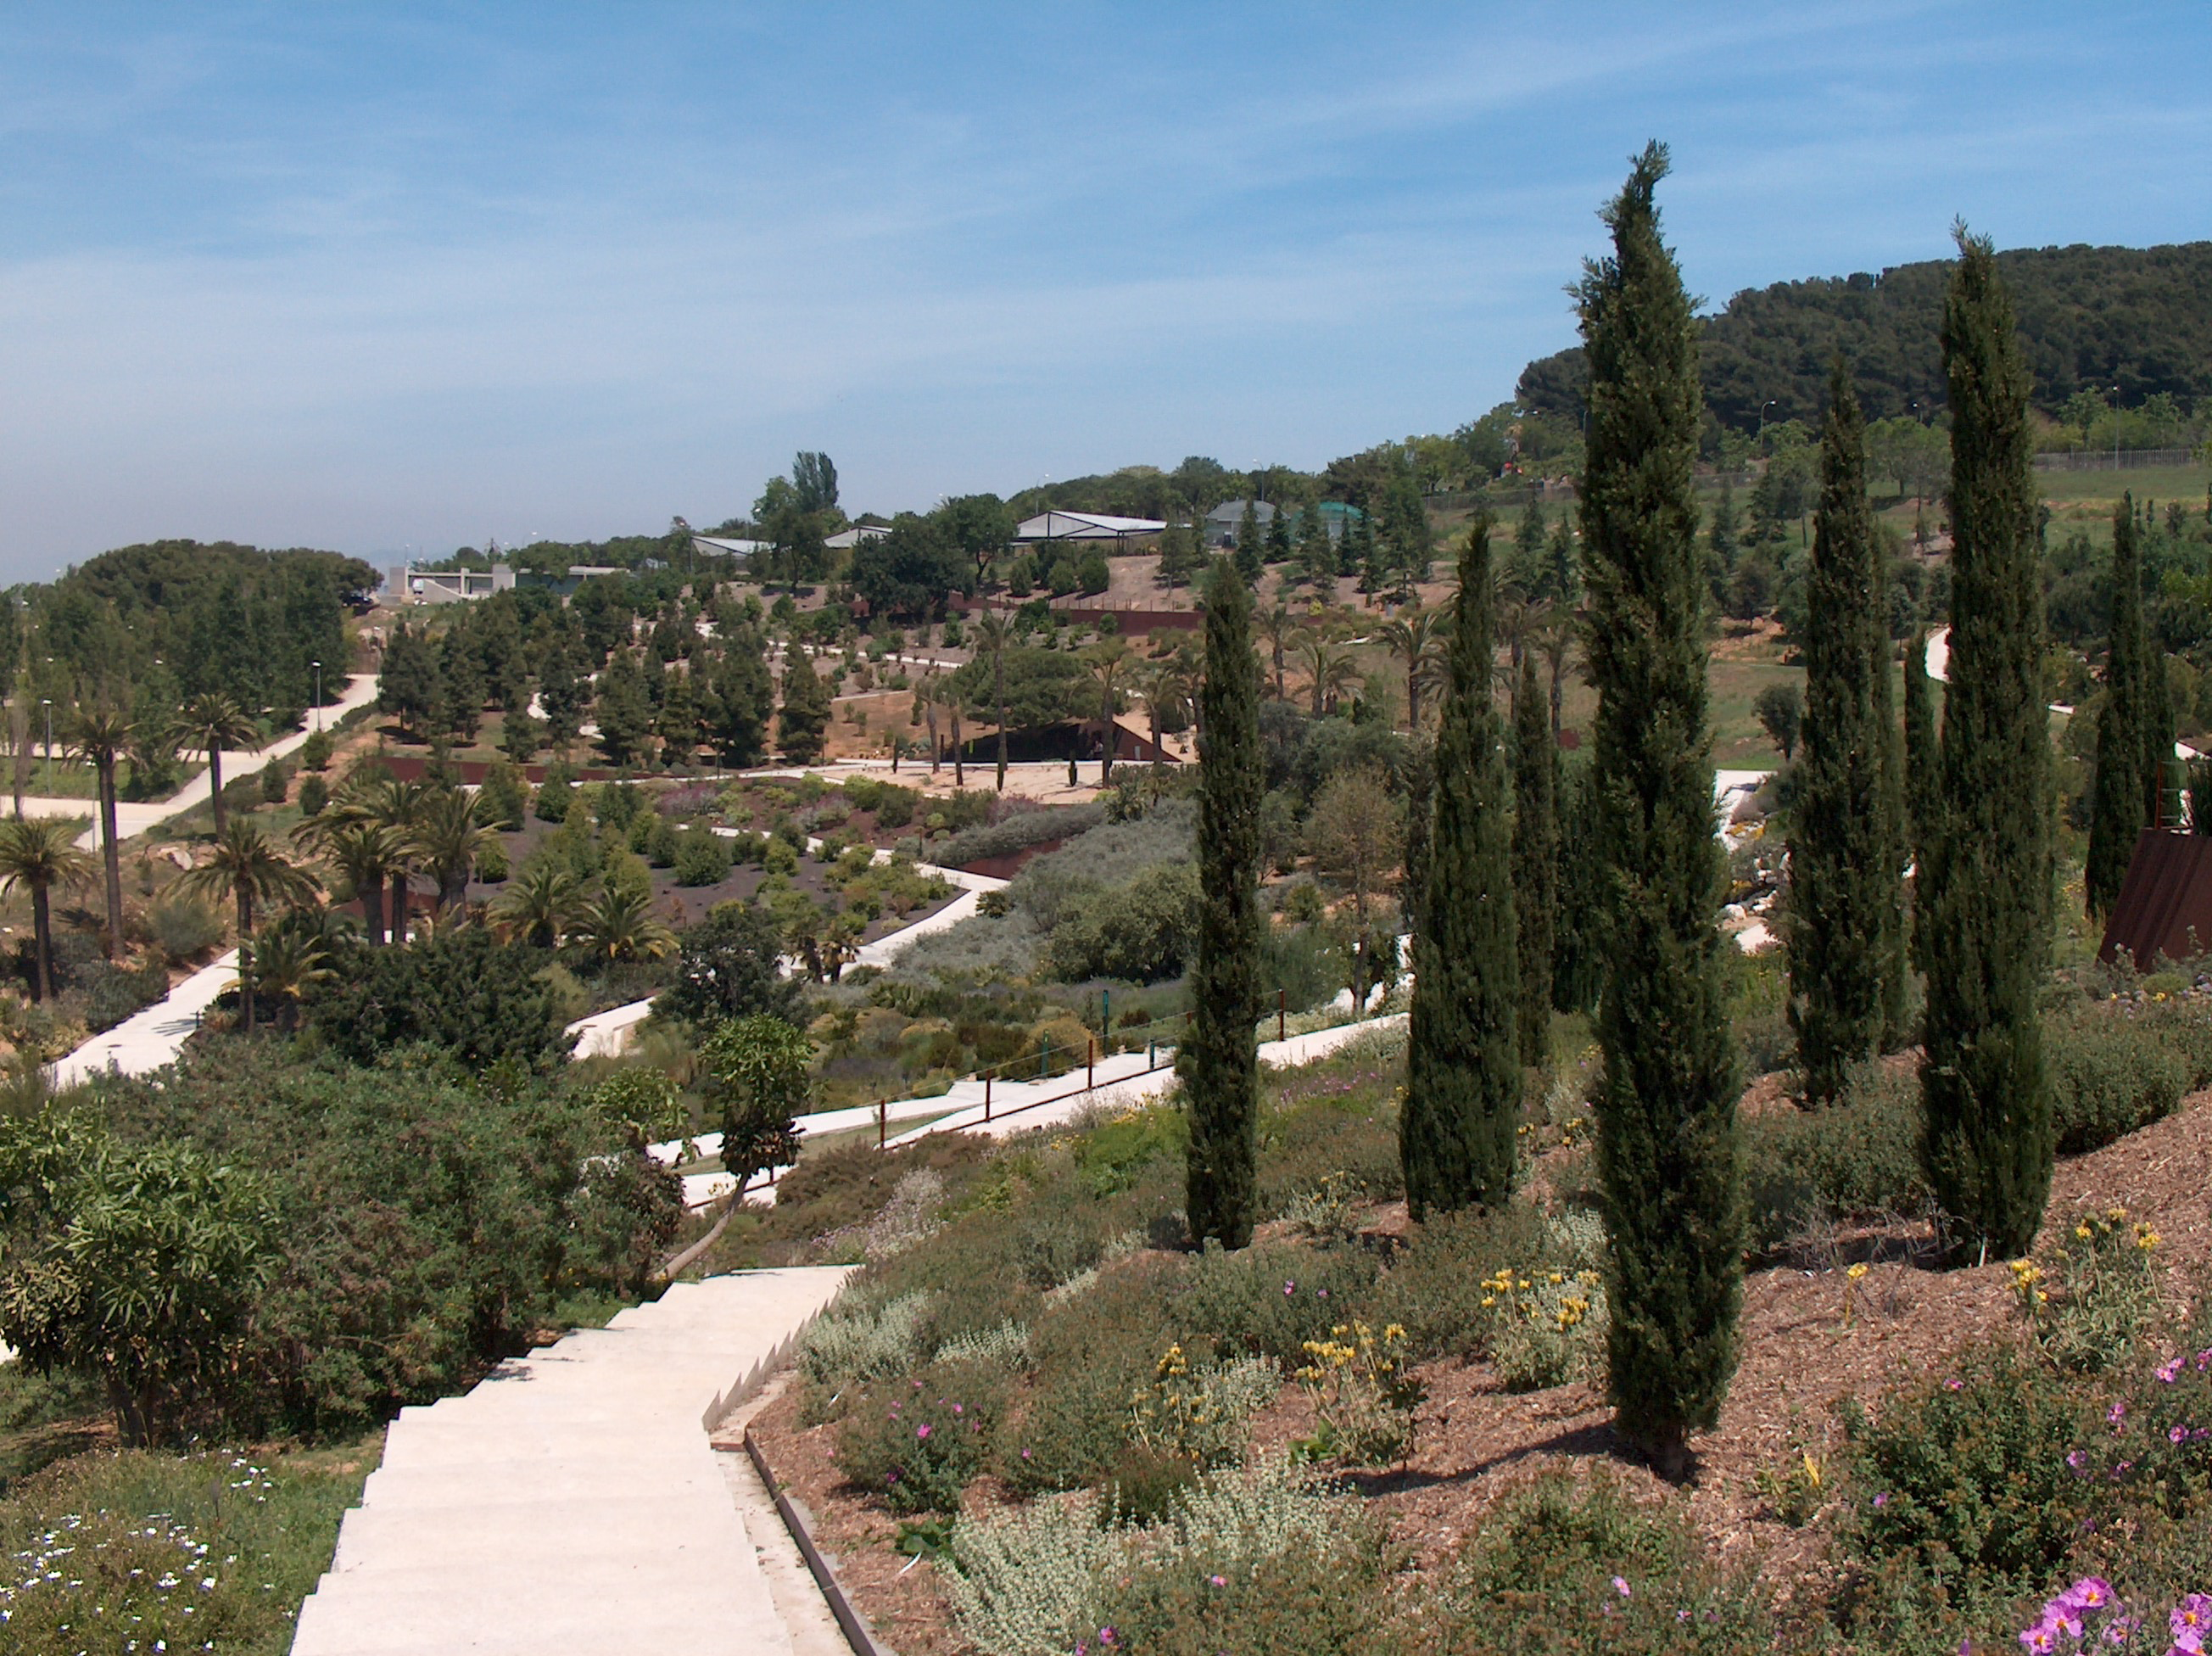 Лучшие парки Барселоны для семейных прогулок с детьми Лучшие парки Барселоны для семейных прогулок с детьми Botanical garden